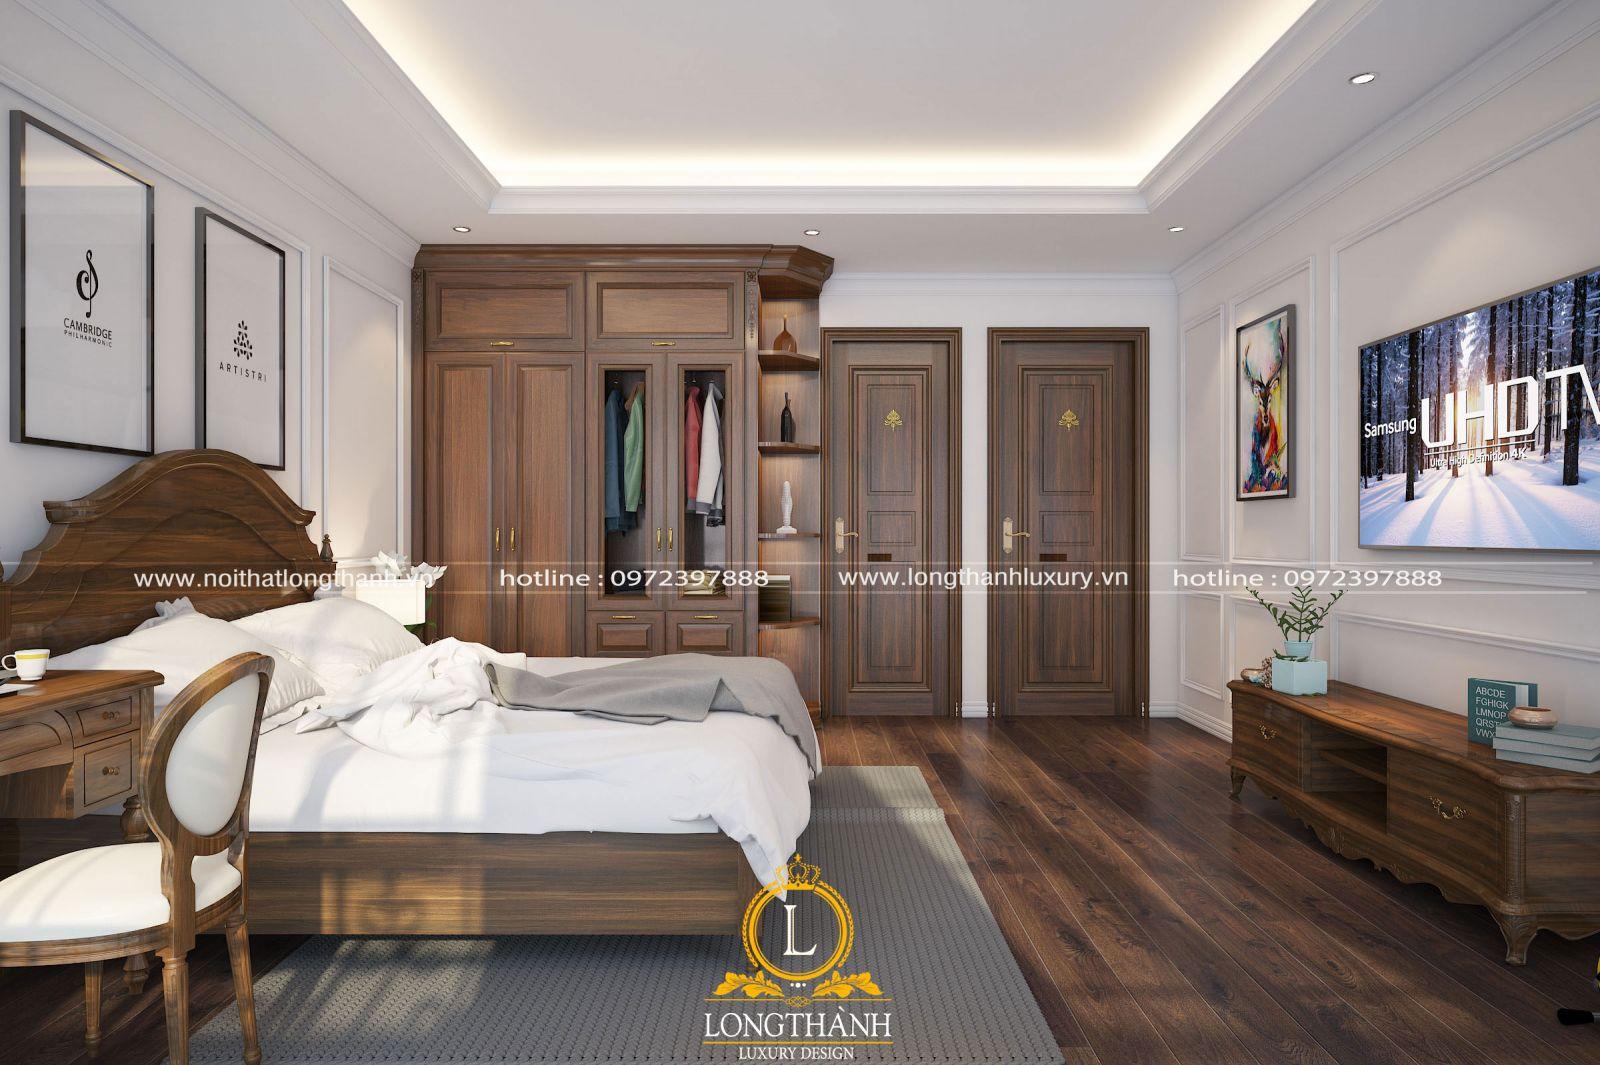 Nội thất phòng ngủ được thiết kế ngăn nắp